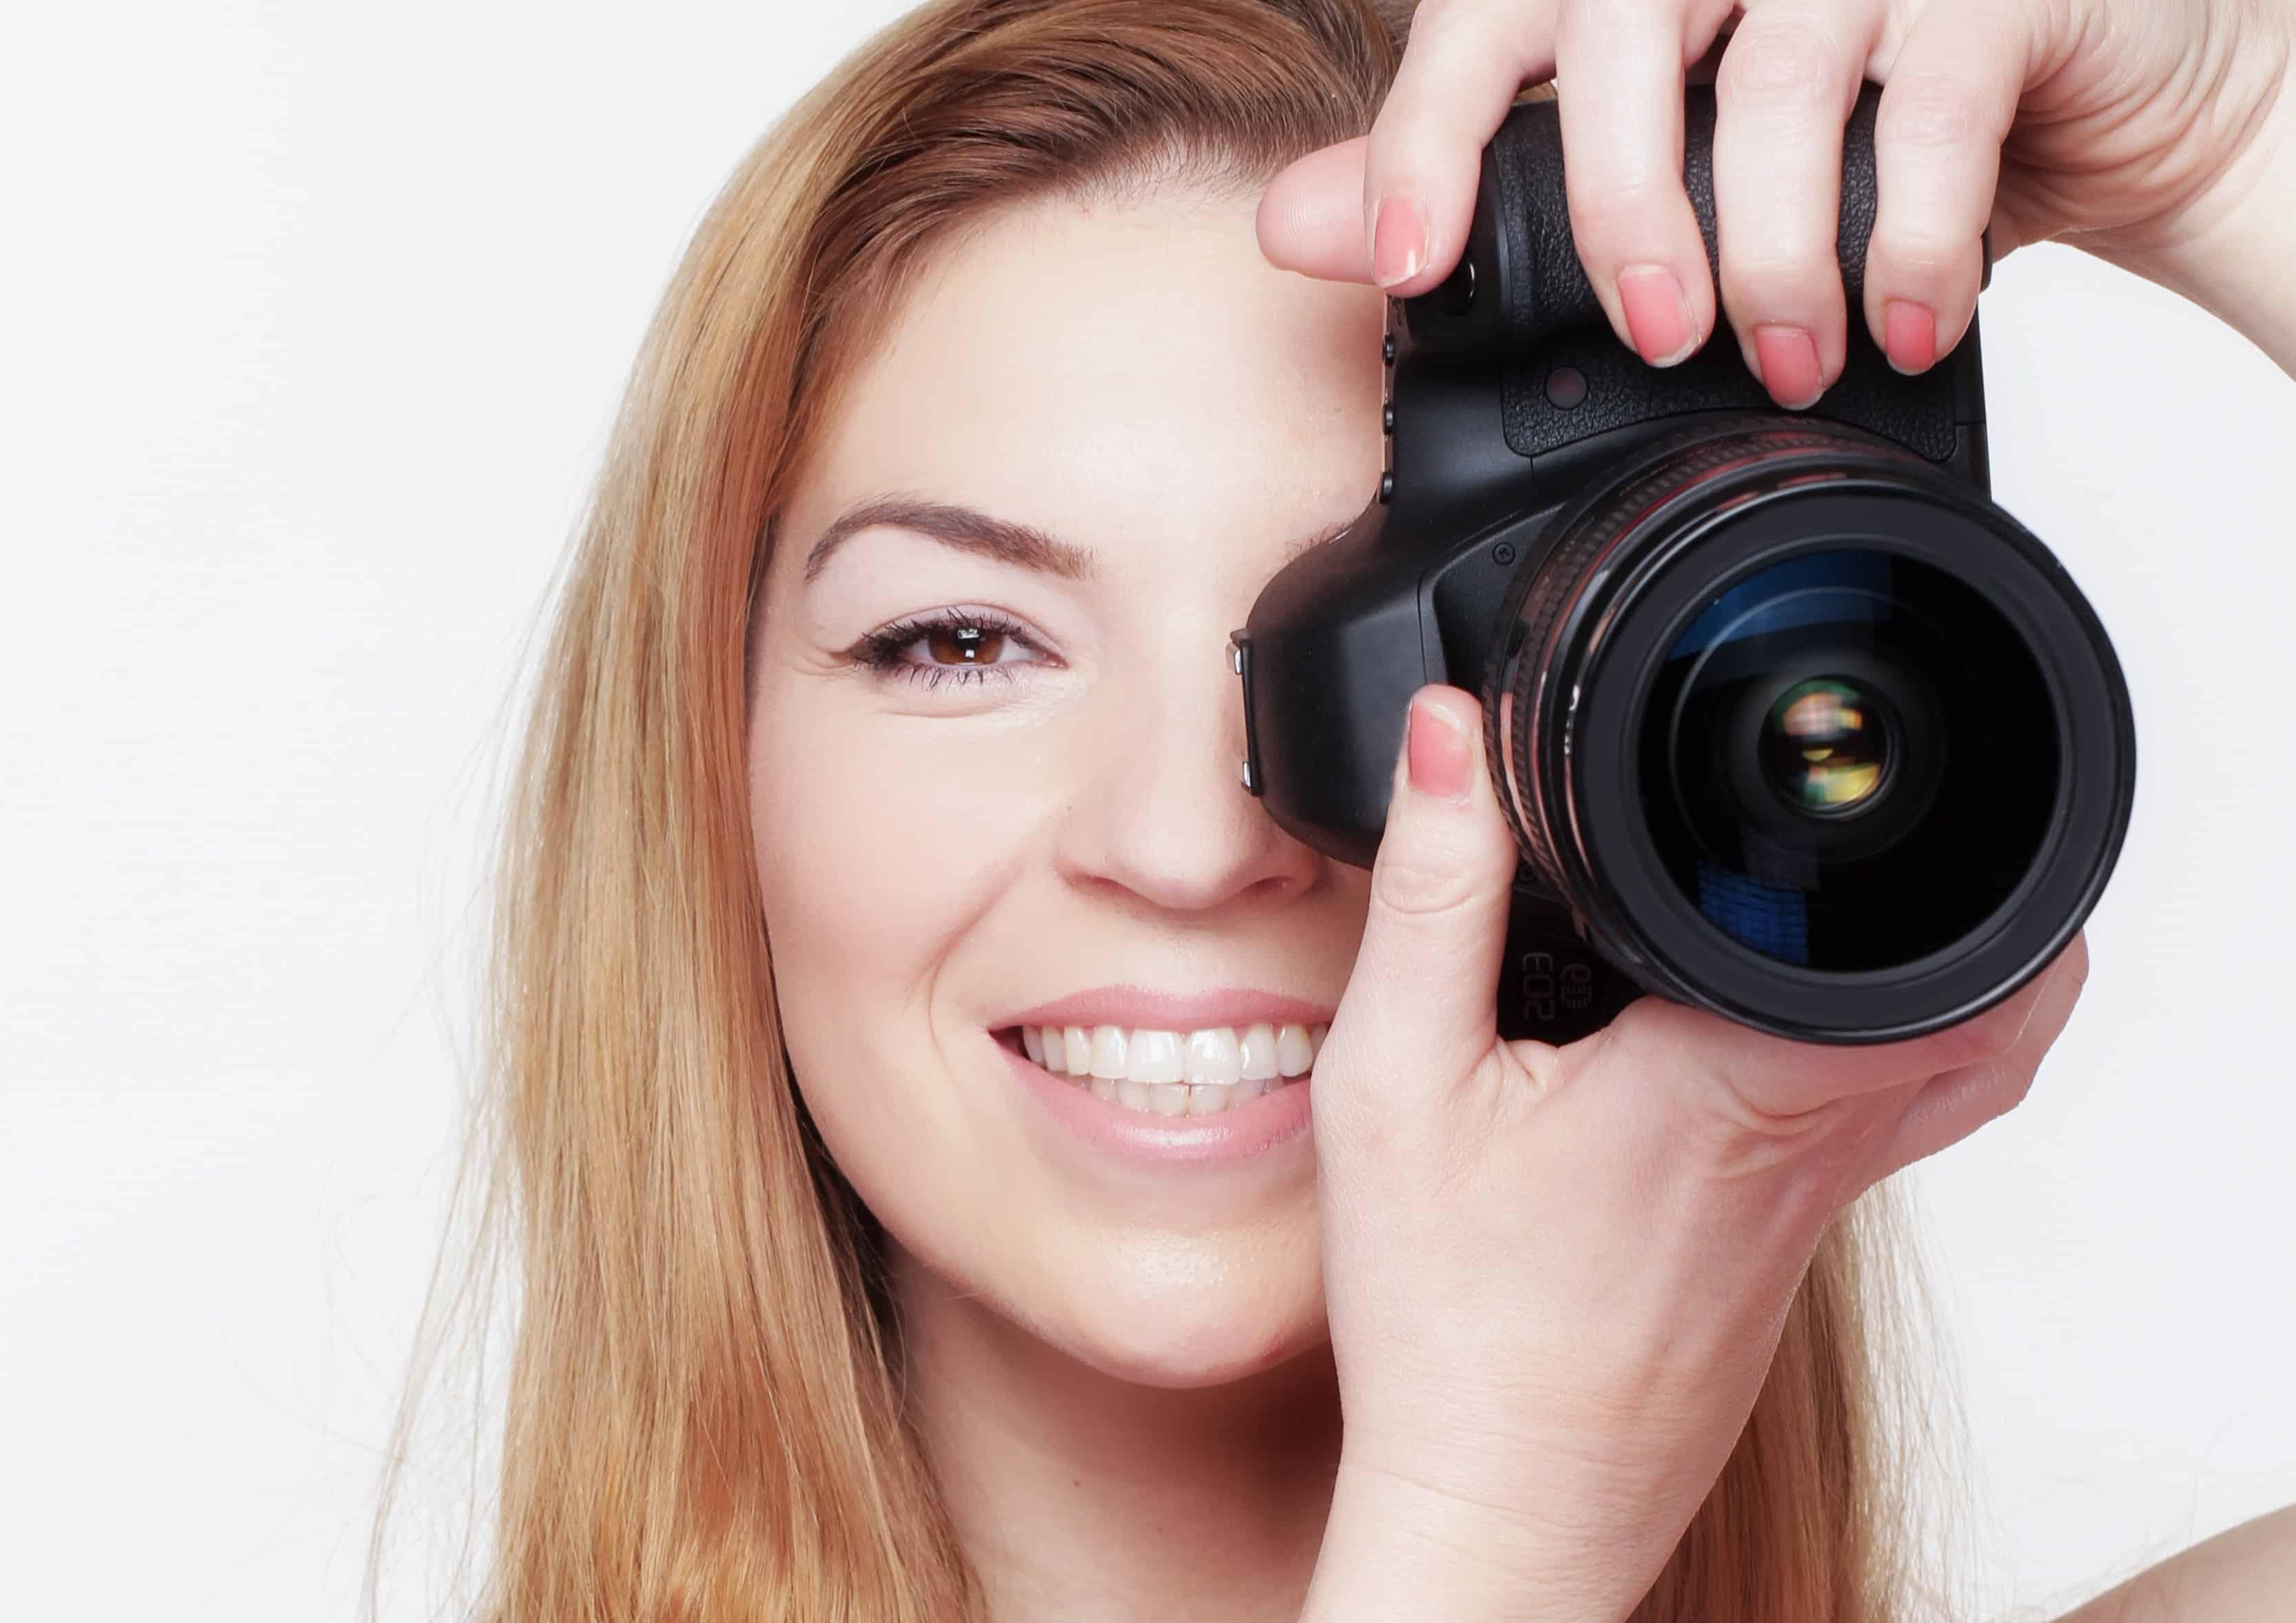 Фотограф в картинках, английском языке